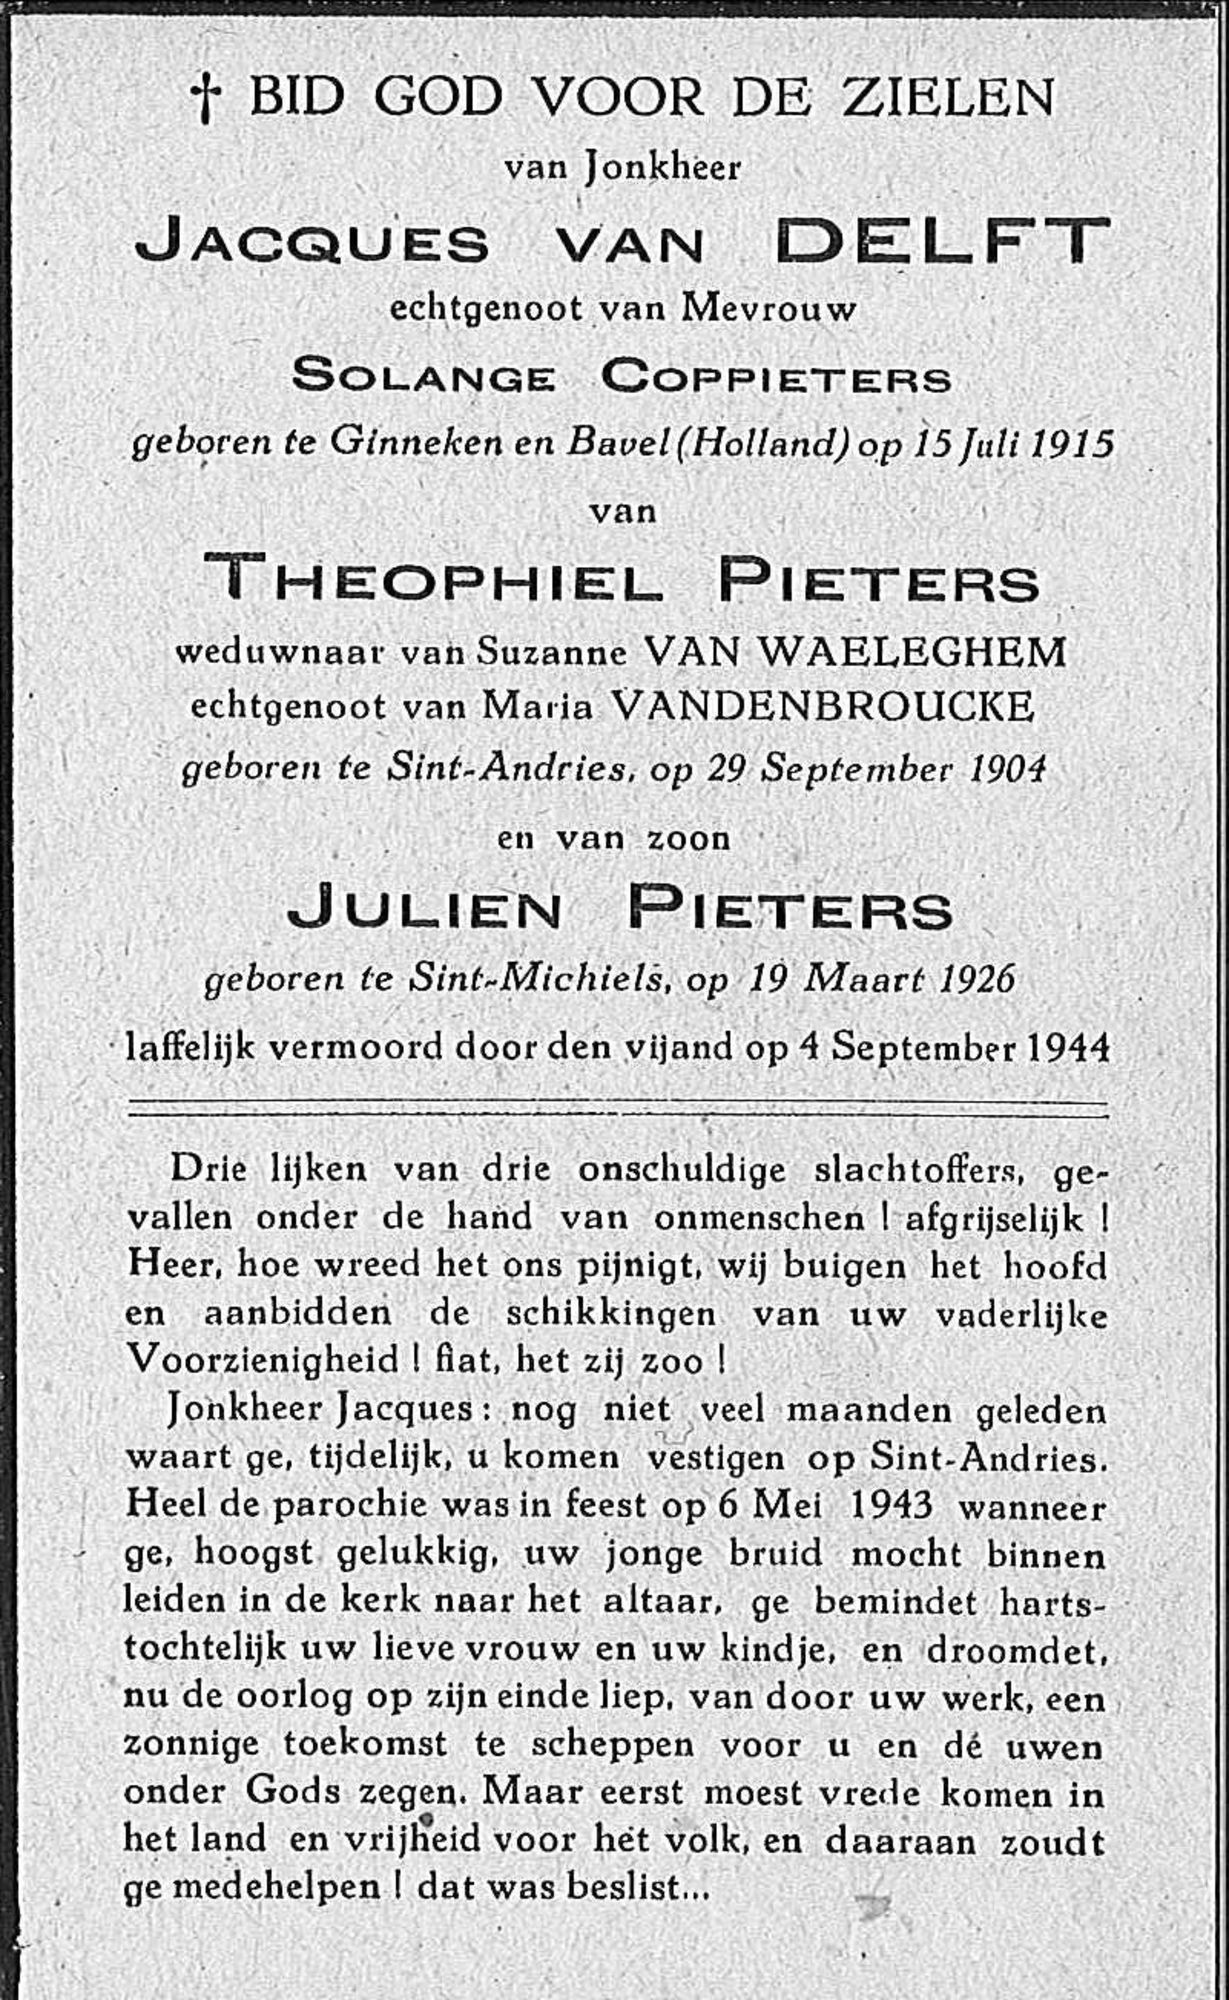 Jacques van Delft